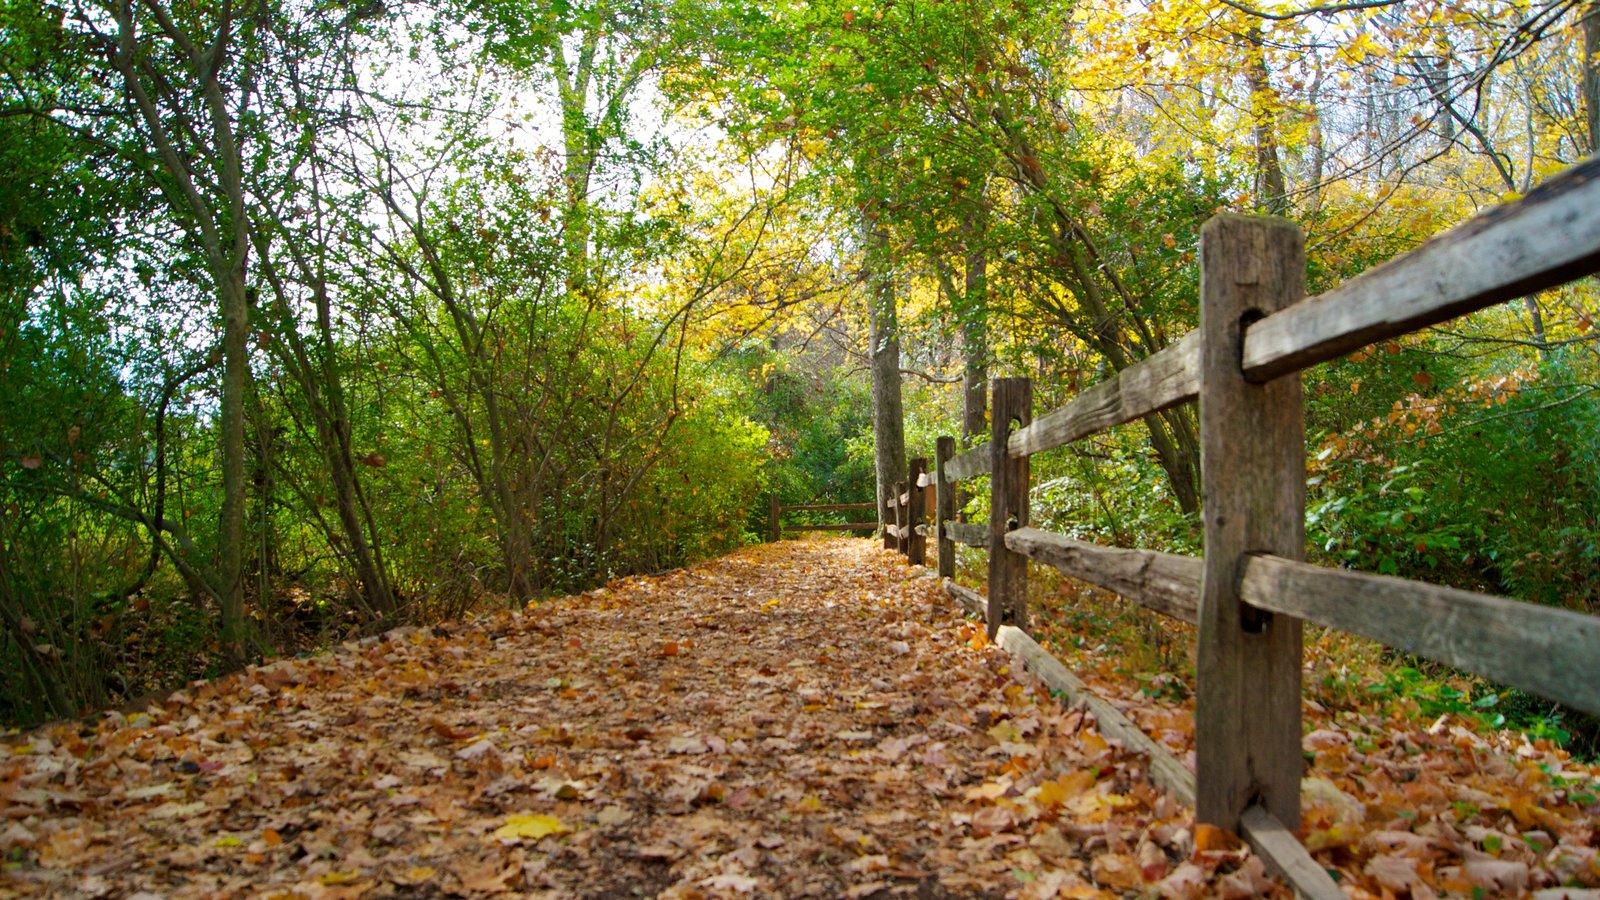 The Hermitage que incluye un parque, bosques y hojas de otoño